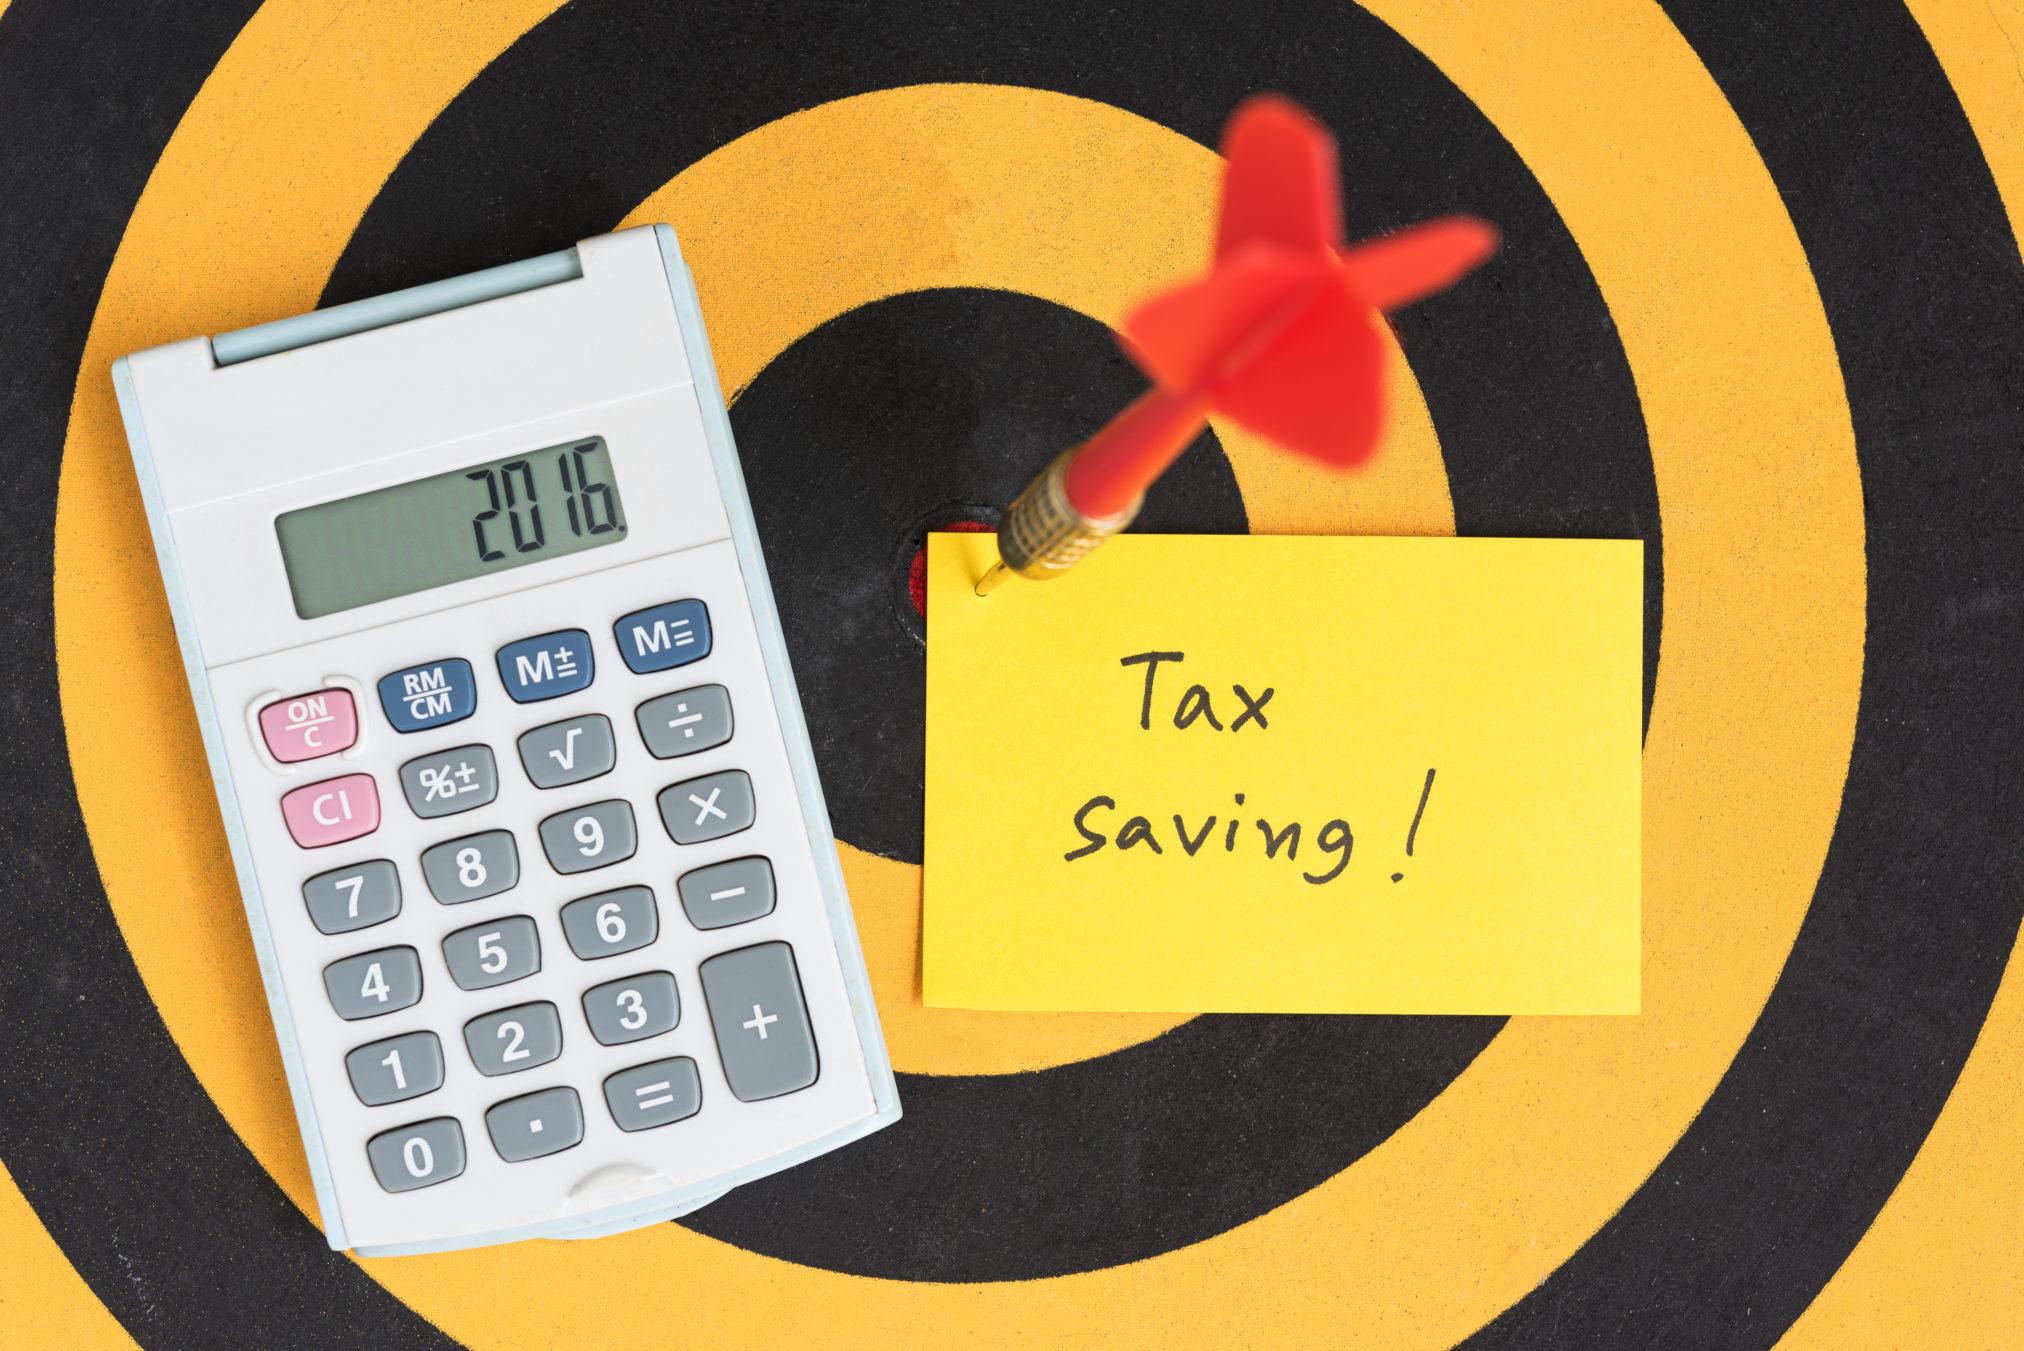 Tax invoicing app